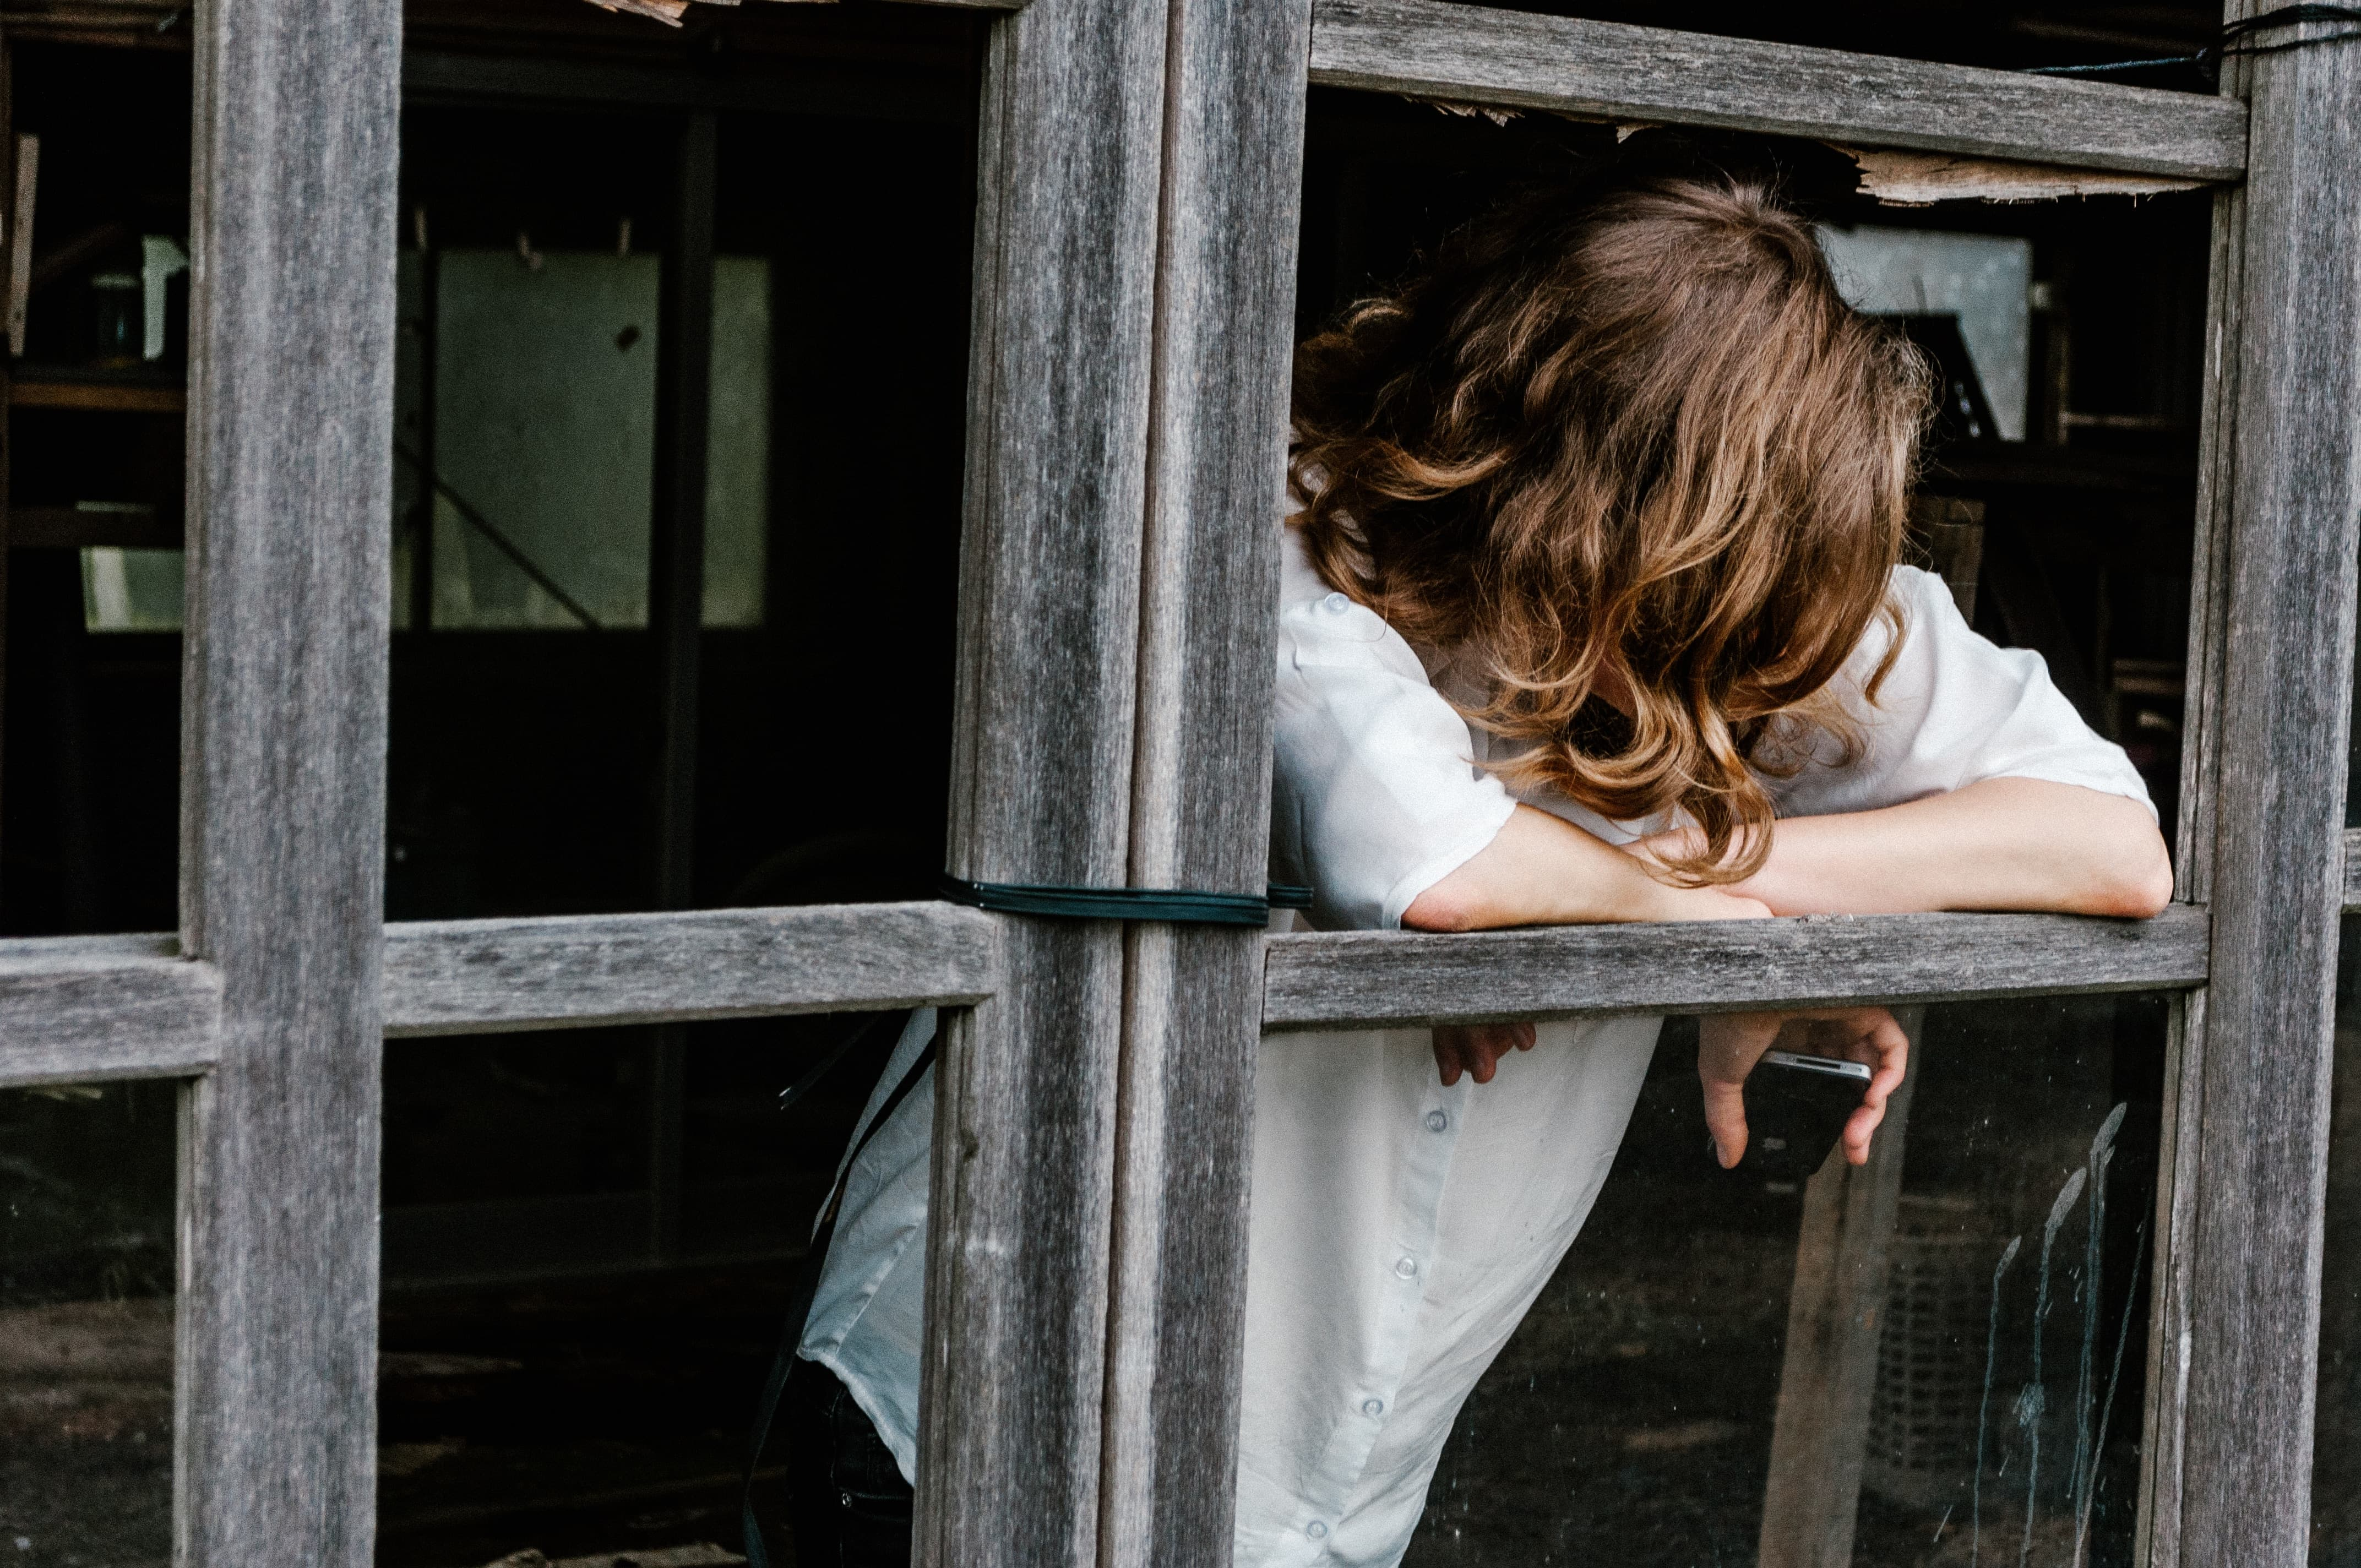 不倫と孤独死の間で揺らぐ女性の画像